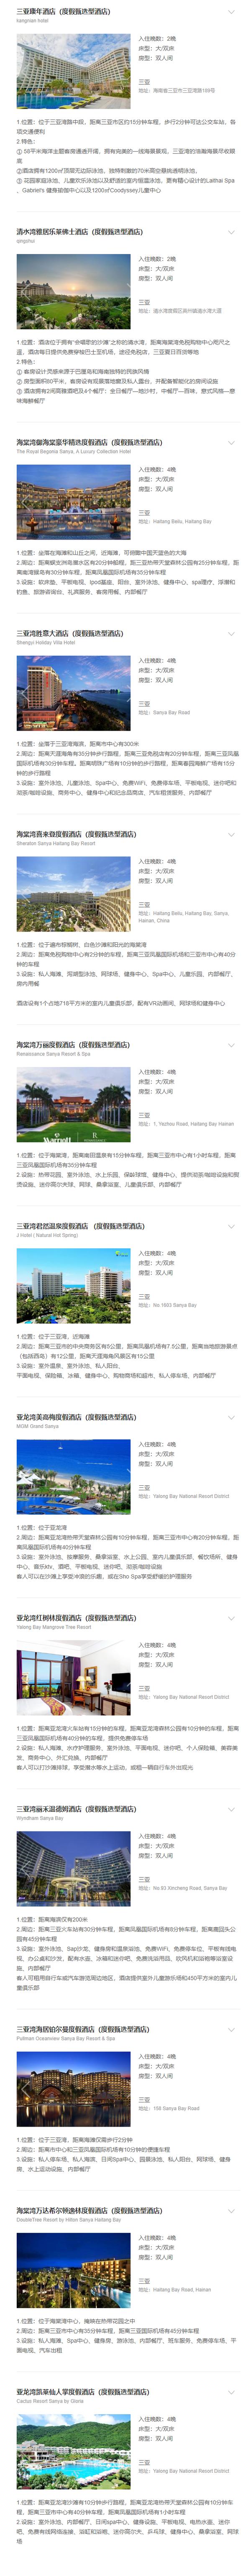 上海-三亚5天4晚(红树林/美高梅/万丽度假等品质酒店可选)